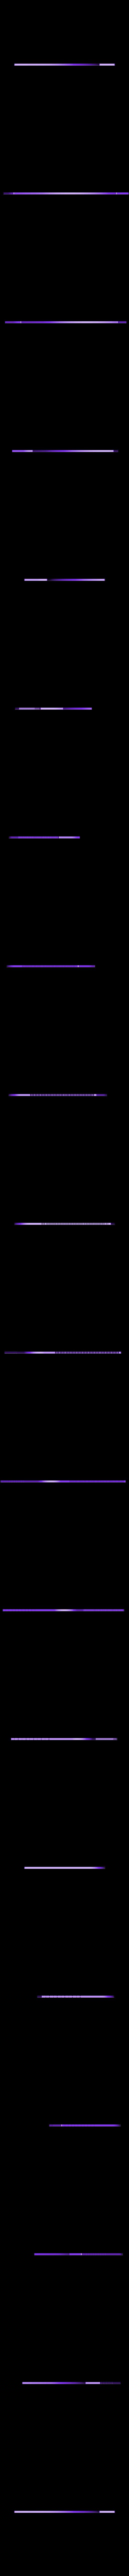 comb4.stl Télécharger fichier STL gratuit Outil de façonnage de la barbe • Modèle pour imprimante 3D, eried